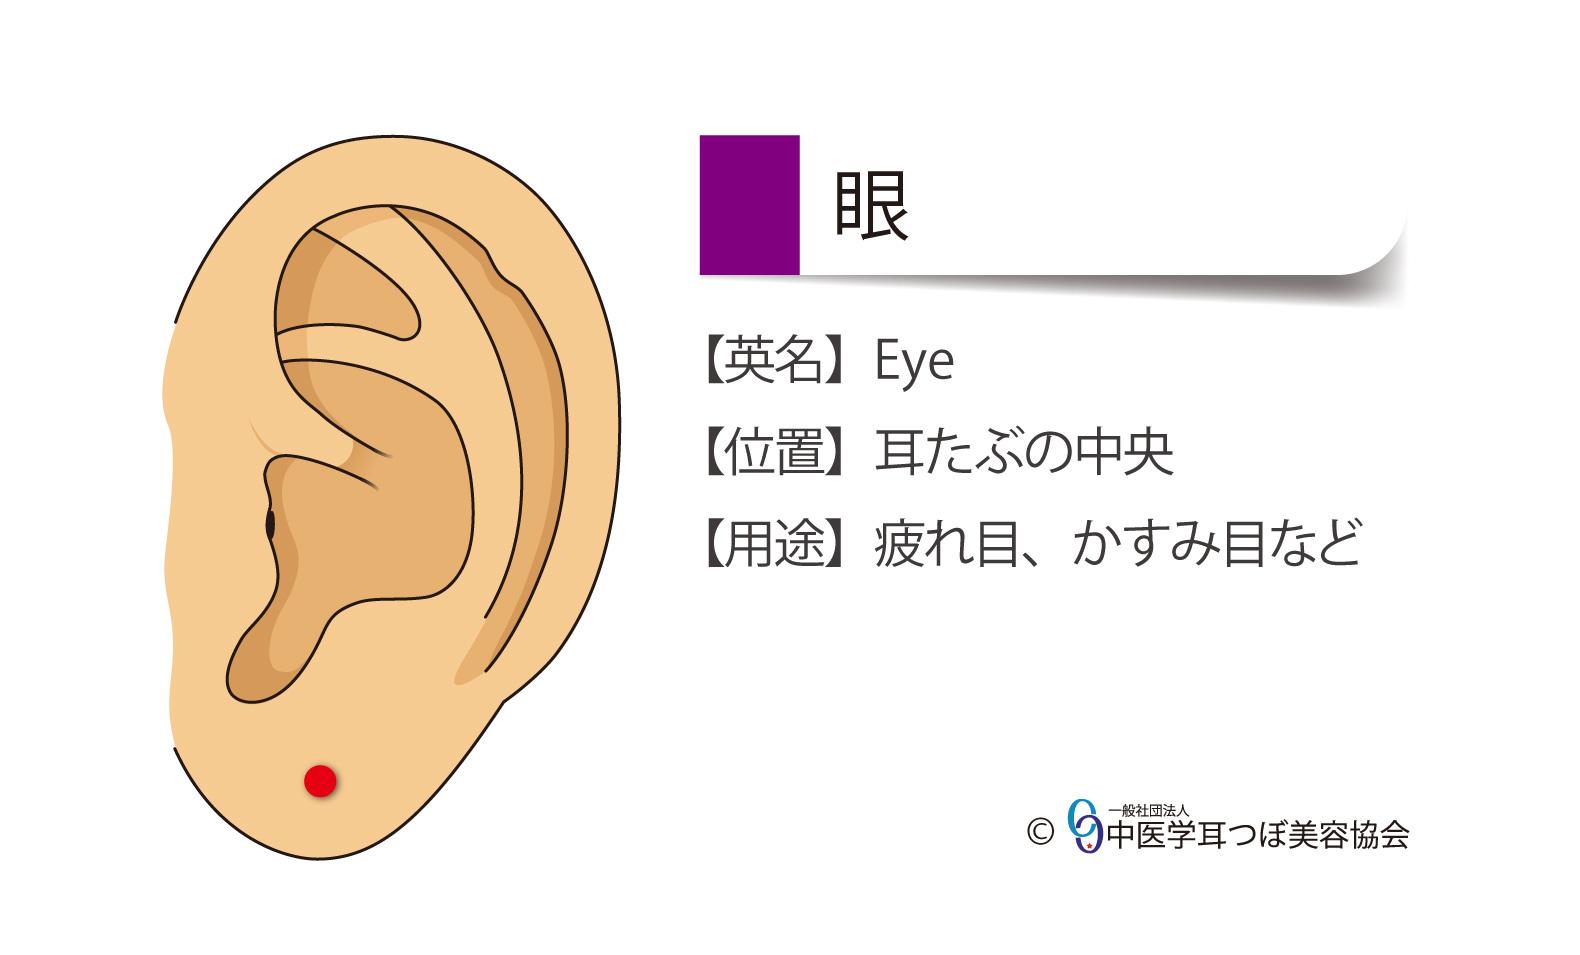 眼(目)の耳つぼの位置